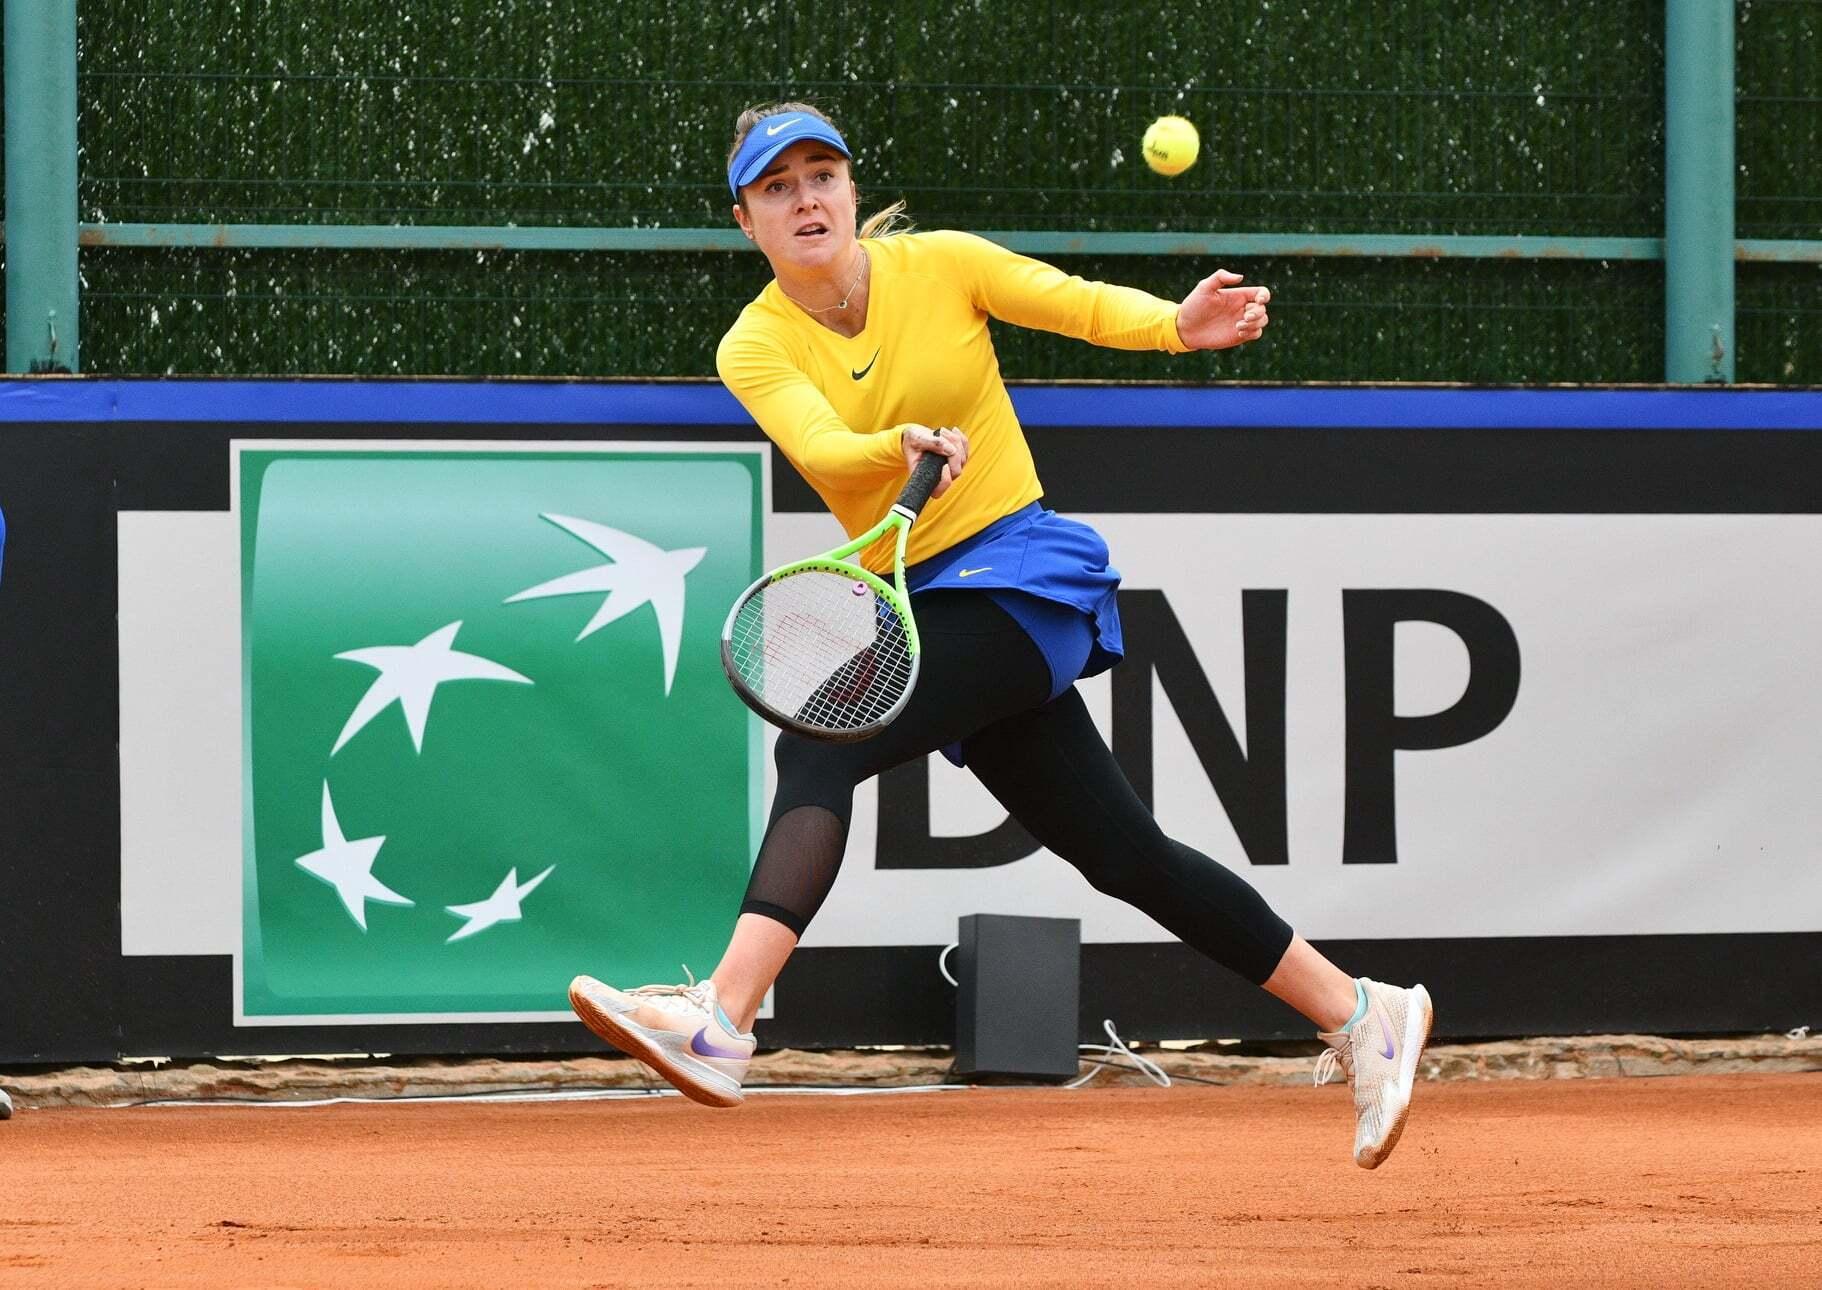 Элина Свитолина выиграла первый матч плей-офф